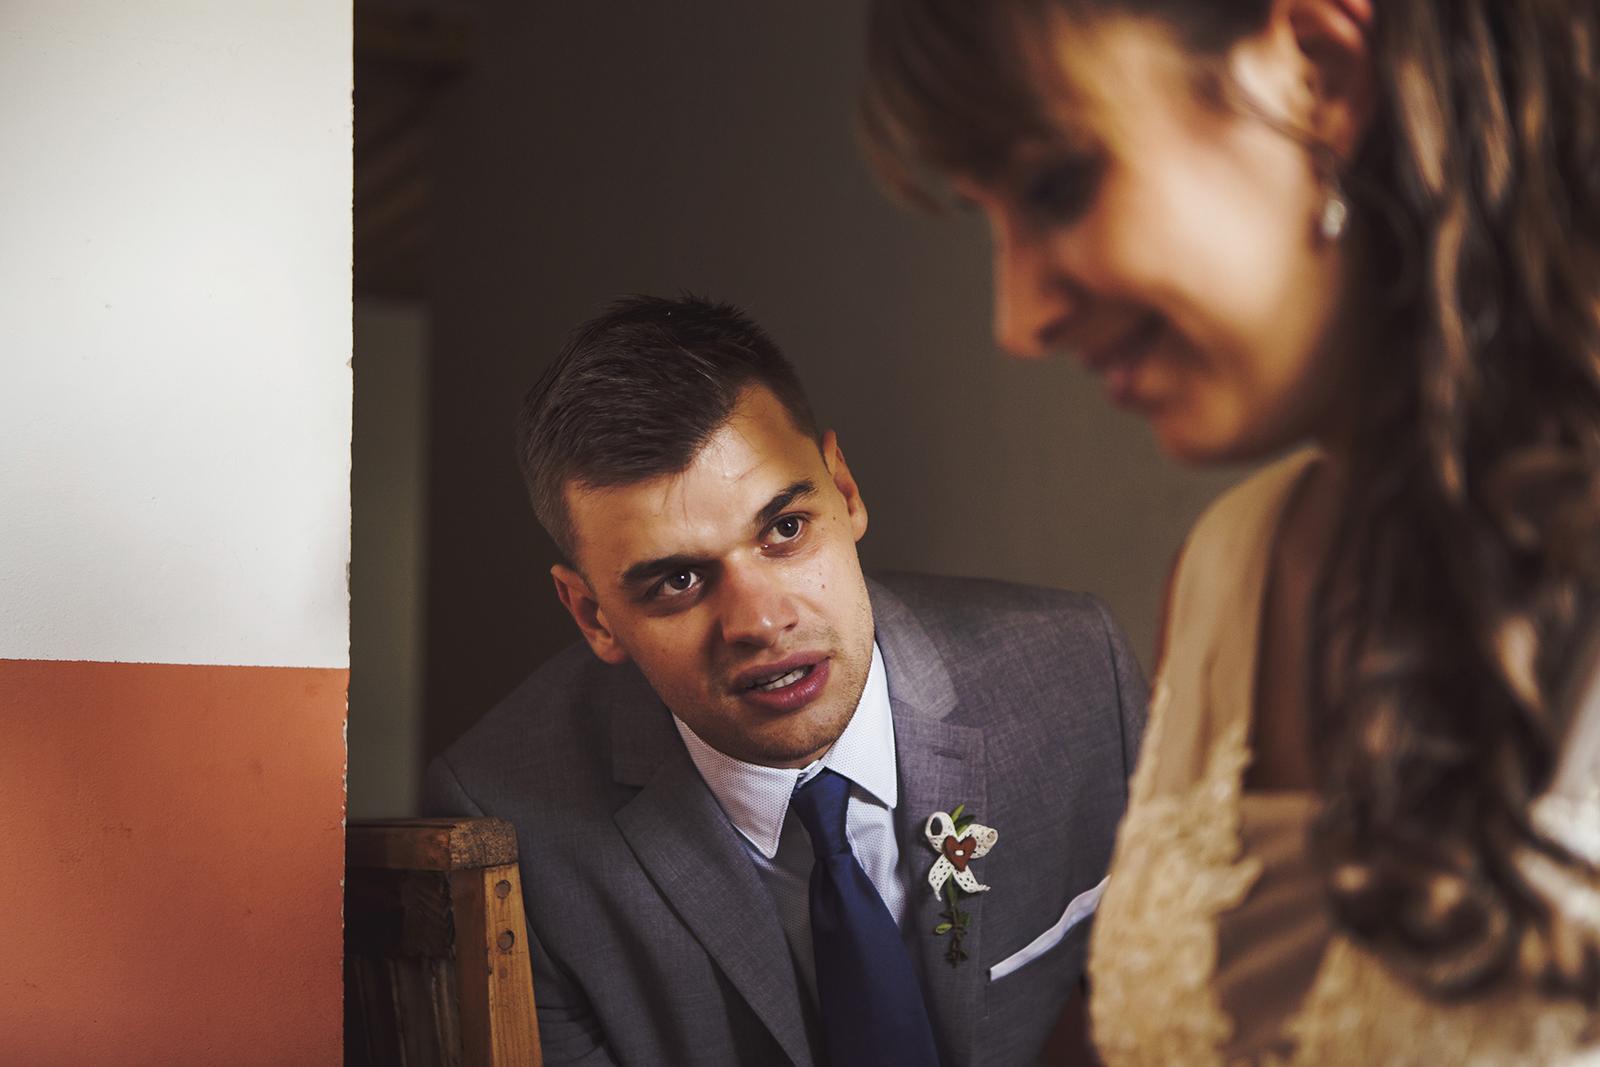 Svatba Krkonose - Obrázek č. 60